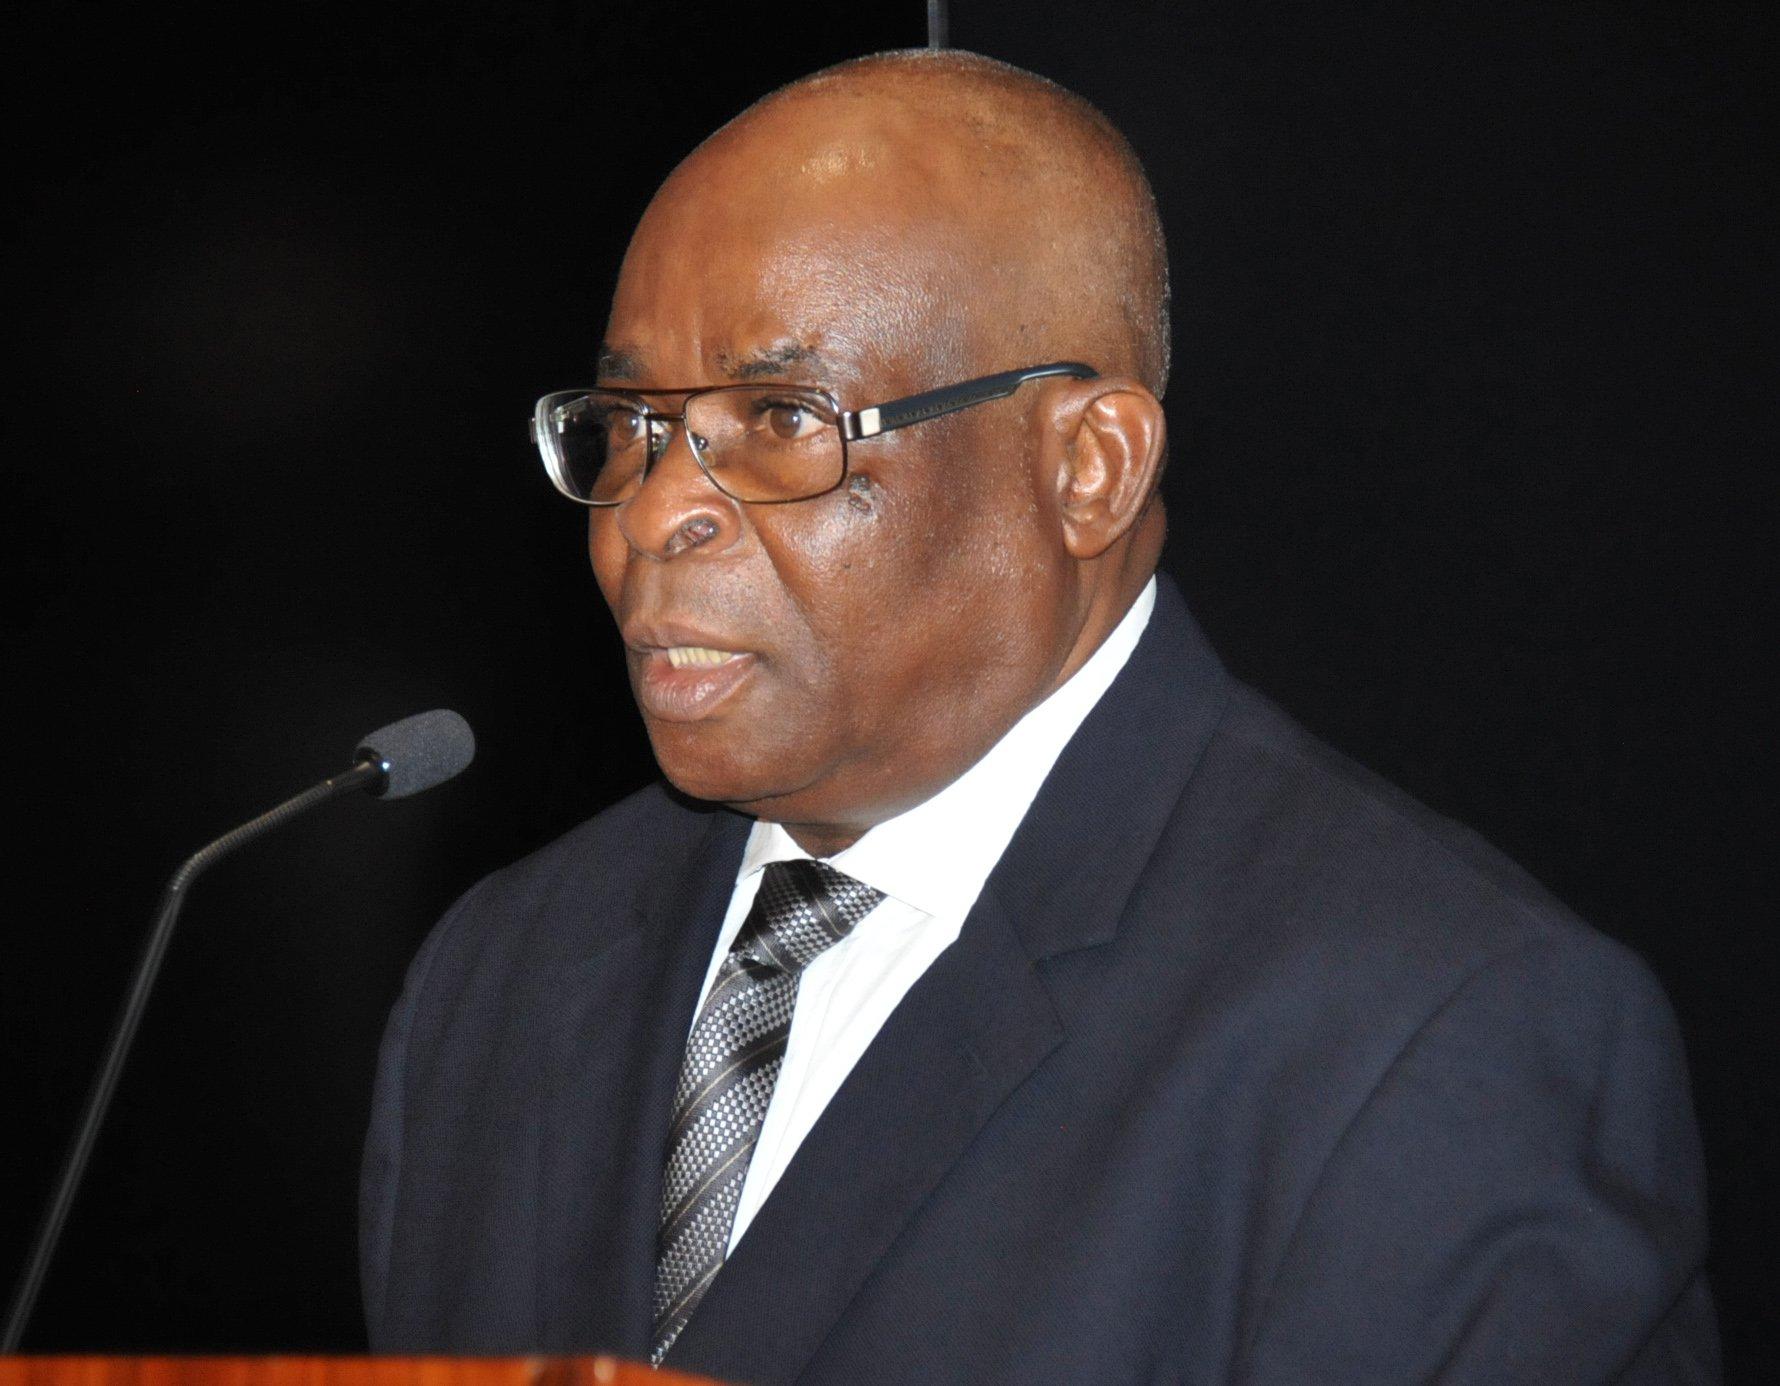 Onnoghen gets retirement benefits worth N2.5bn